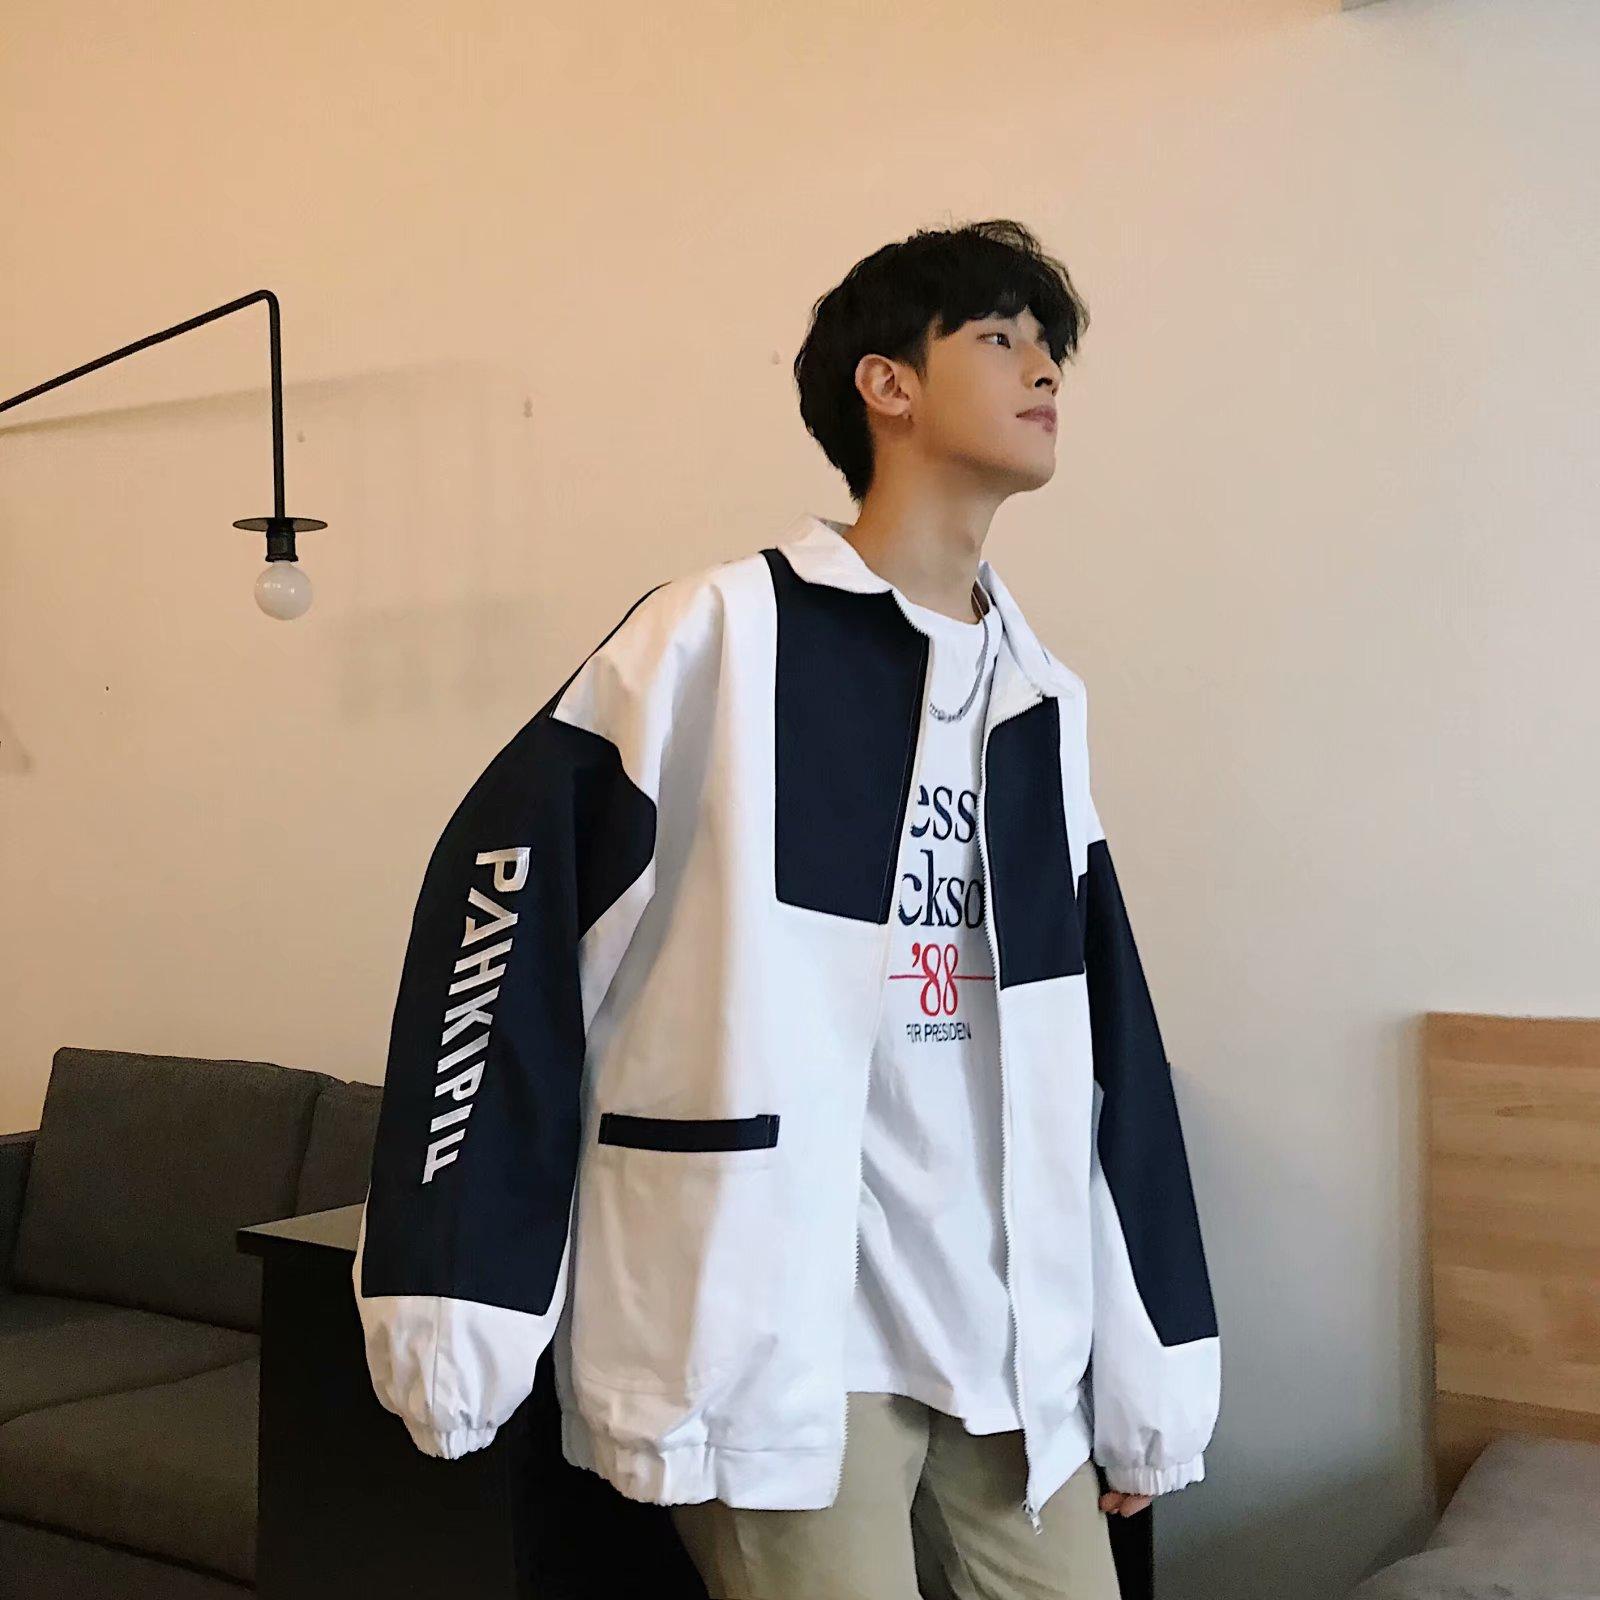 港风外套男秋宽松潮牌工装夹克韩版潮流学生休闲上衣棒球服